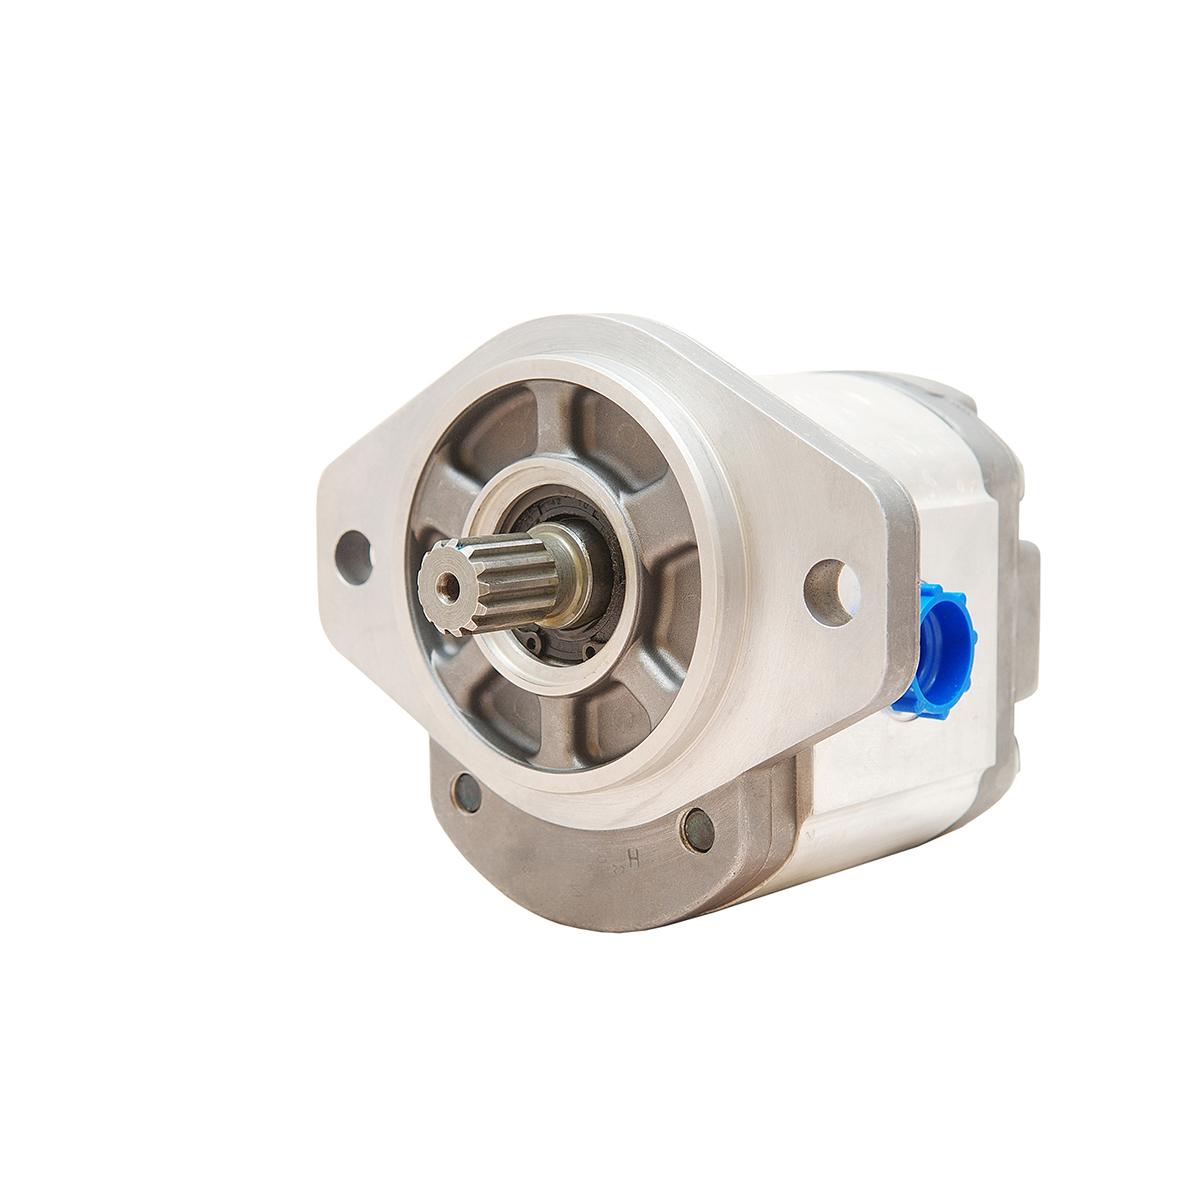 2.20 CID hydraulic gear pump, 13 tooth spline shaft counter-clockwise gear pump | Magister Hydraulics